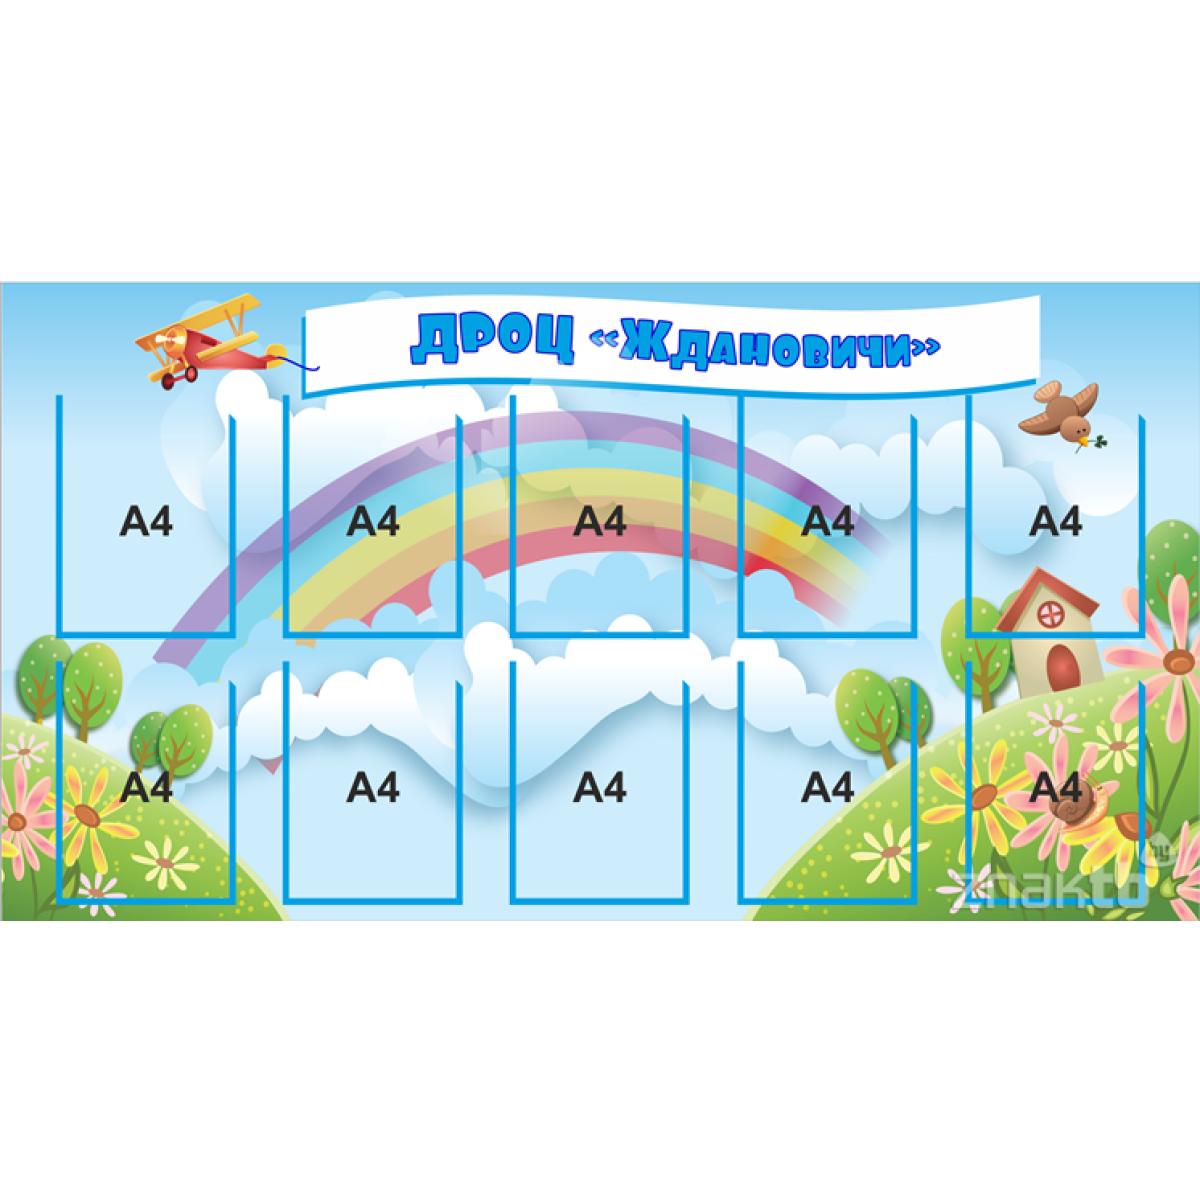 Стенд для детских садов, 6 карманов А4